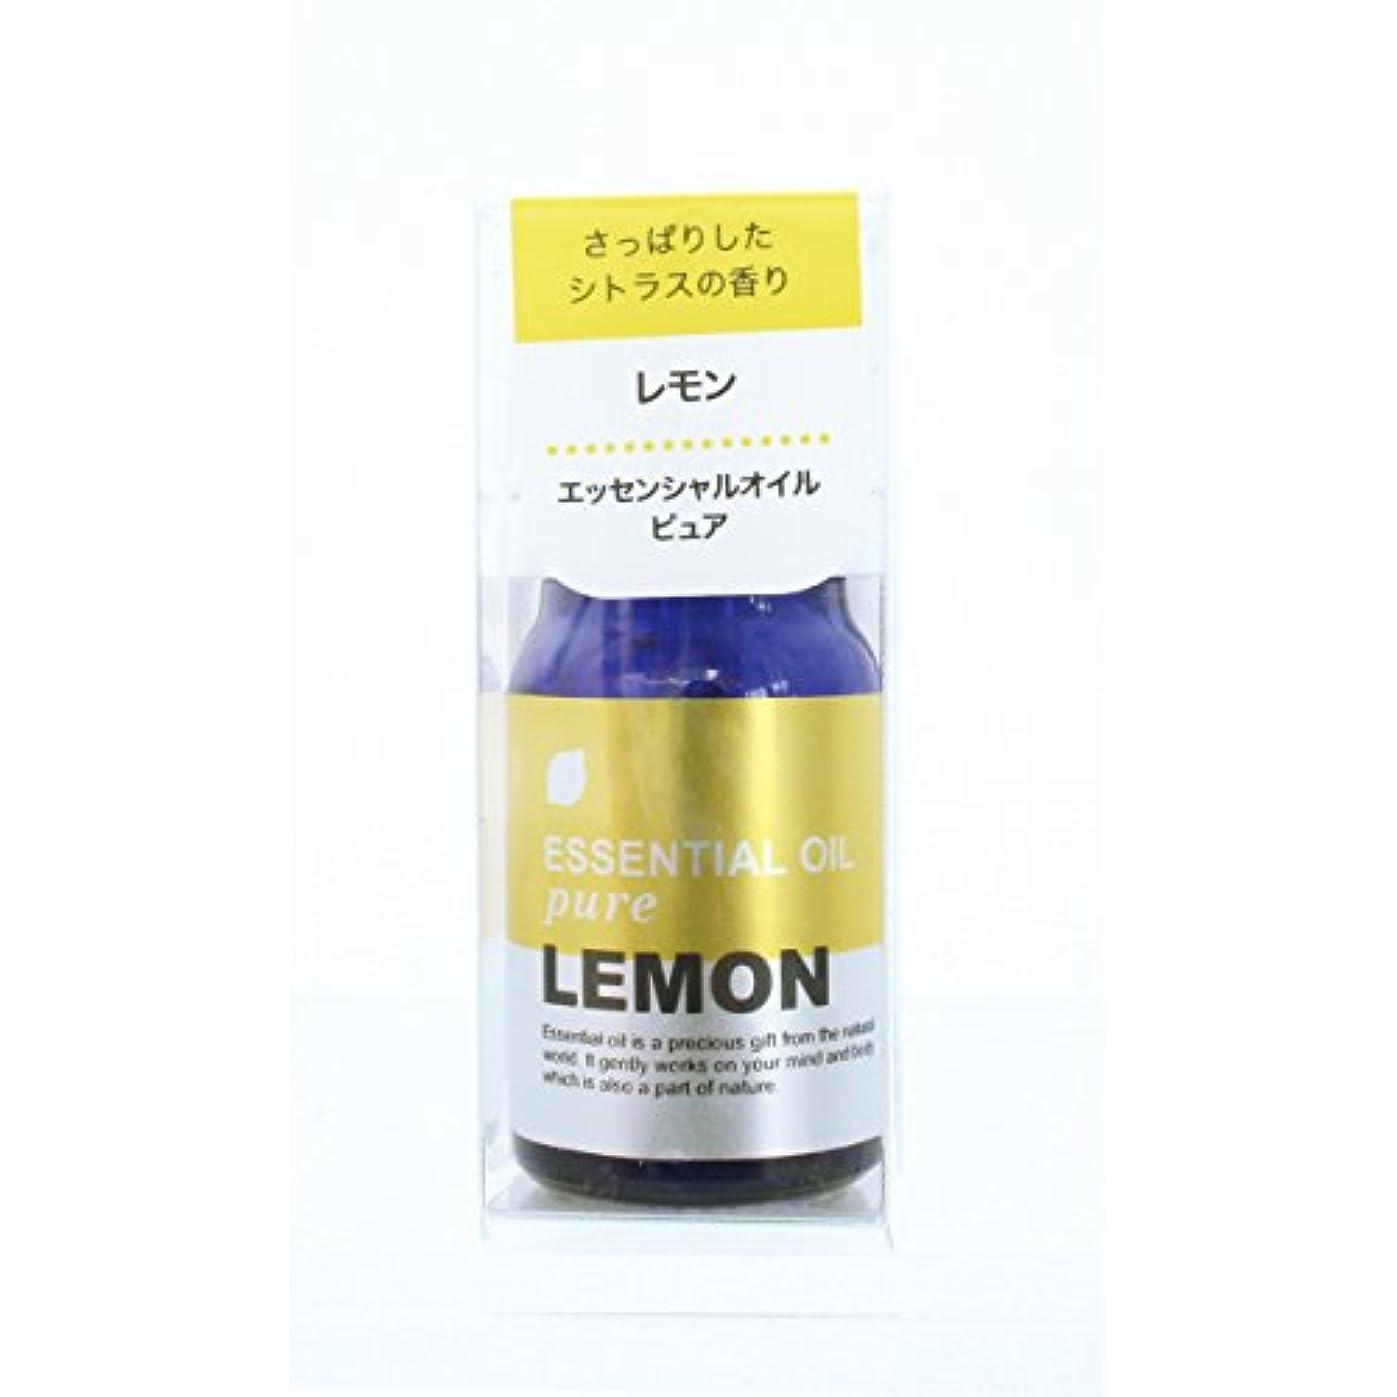 サイクロプスピルファーかまどプチエッセンシャルオイル レモン